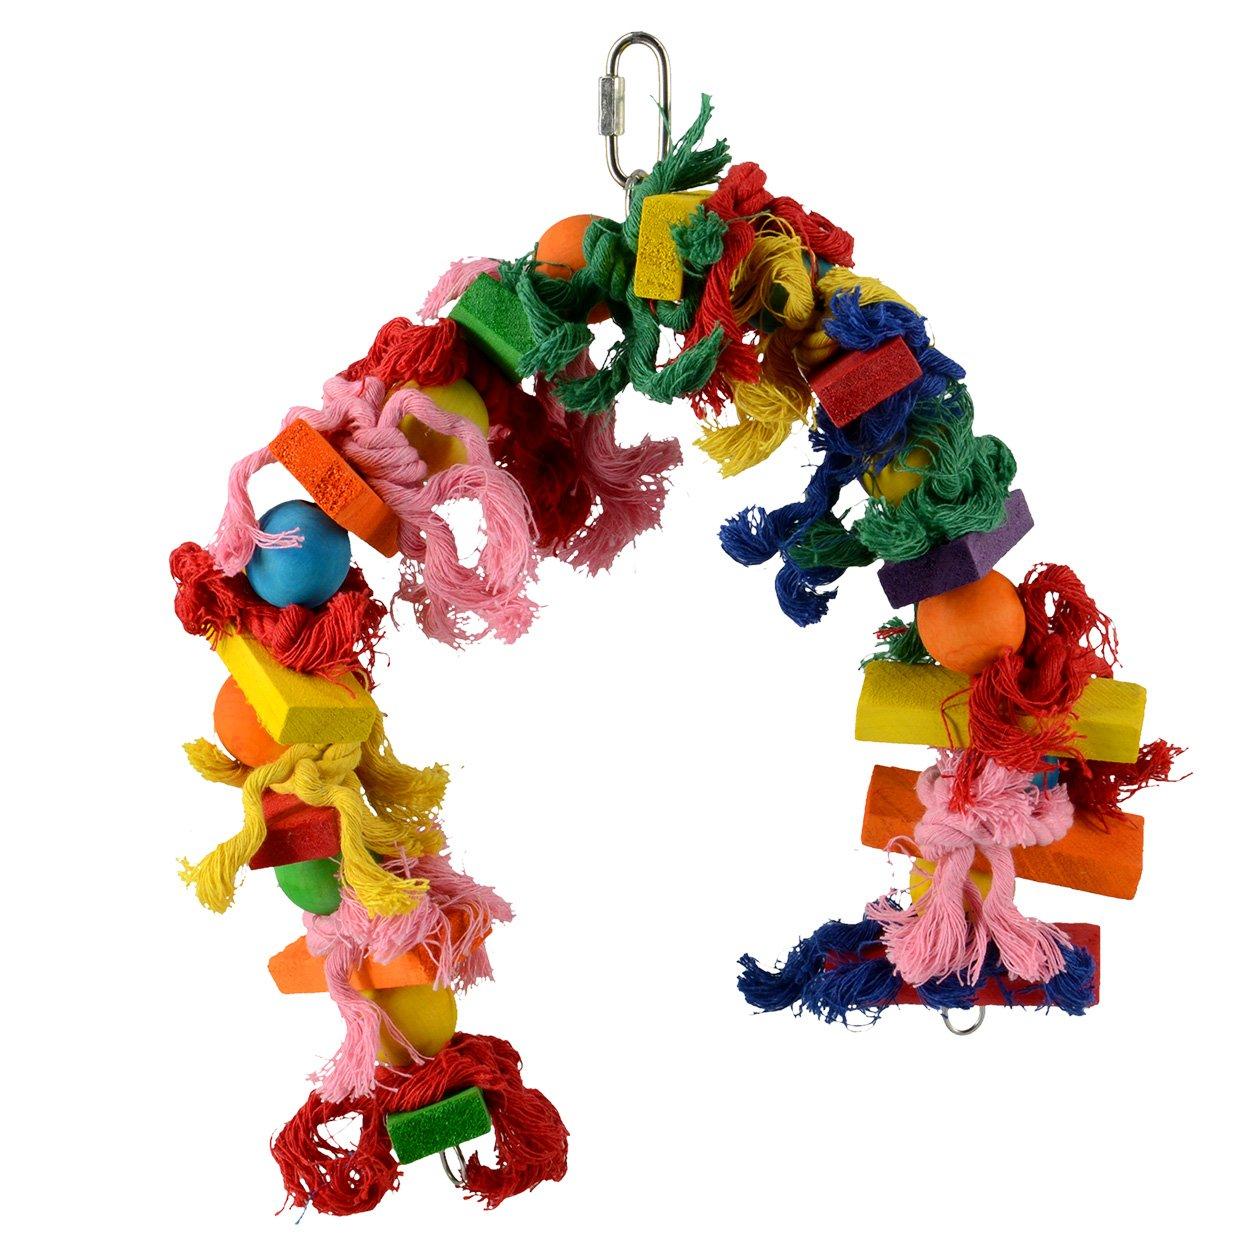 Animal Treasures LBW-0647 Birdie Knotrageous Flexi Bird Toys